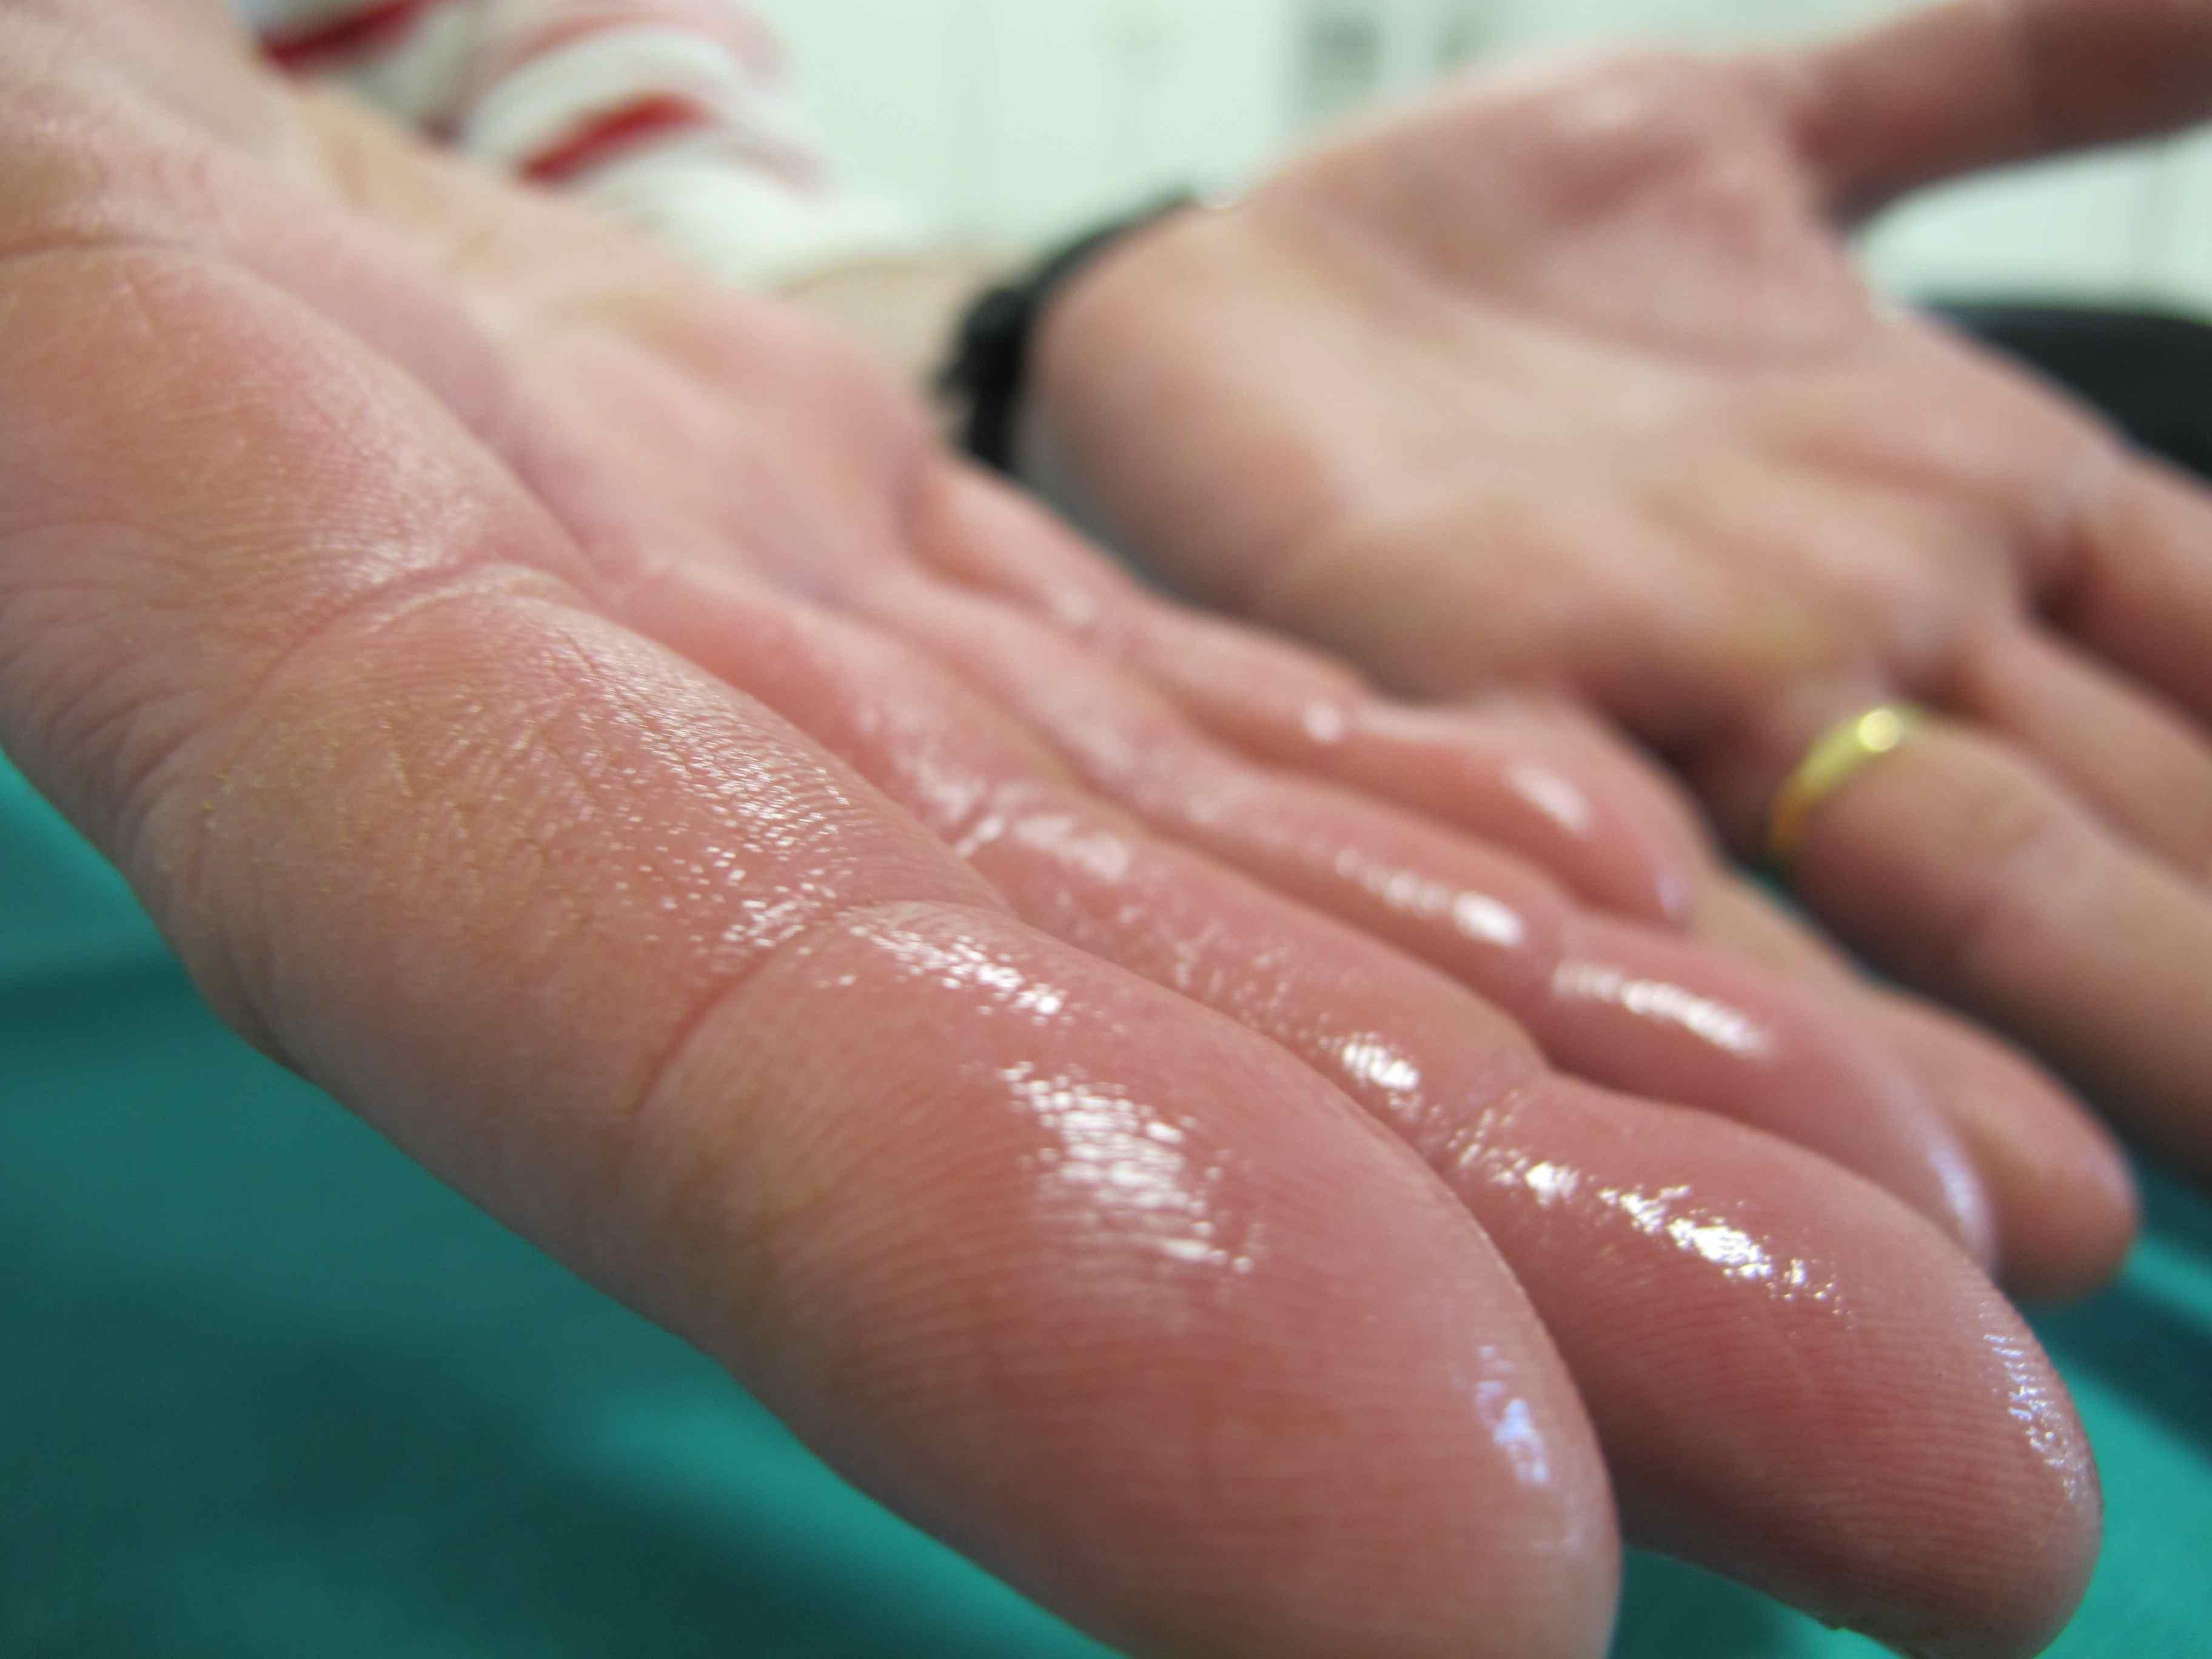 ¿Te sudan mucho las manos? Puedes padecer hiperhidrosis